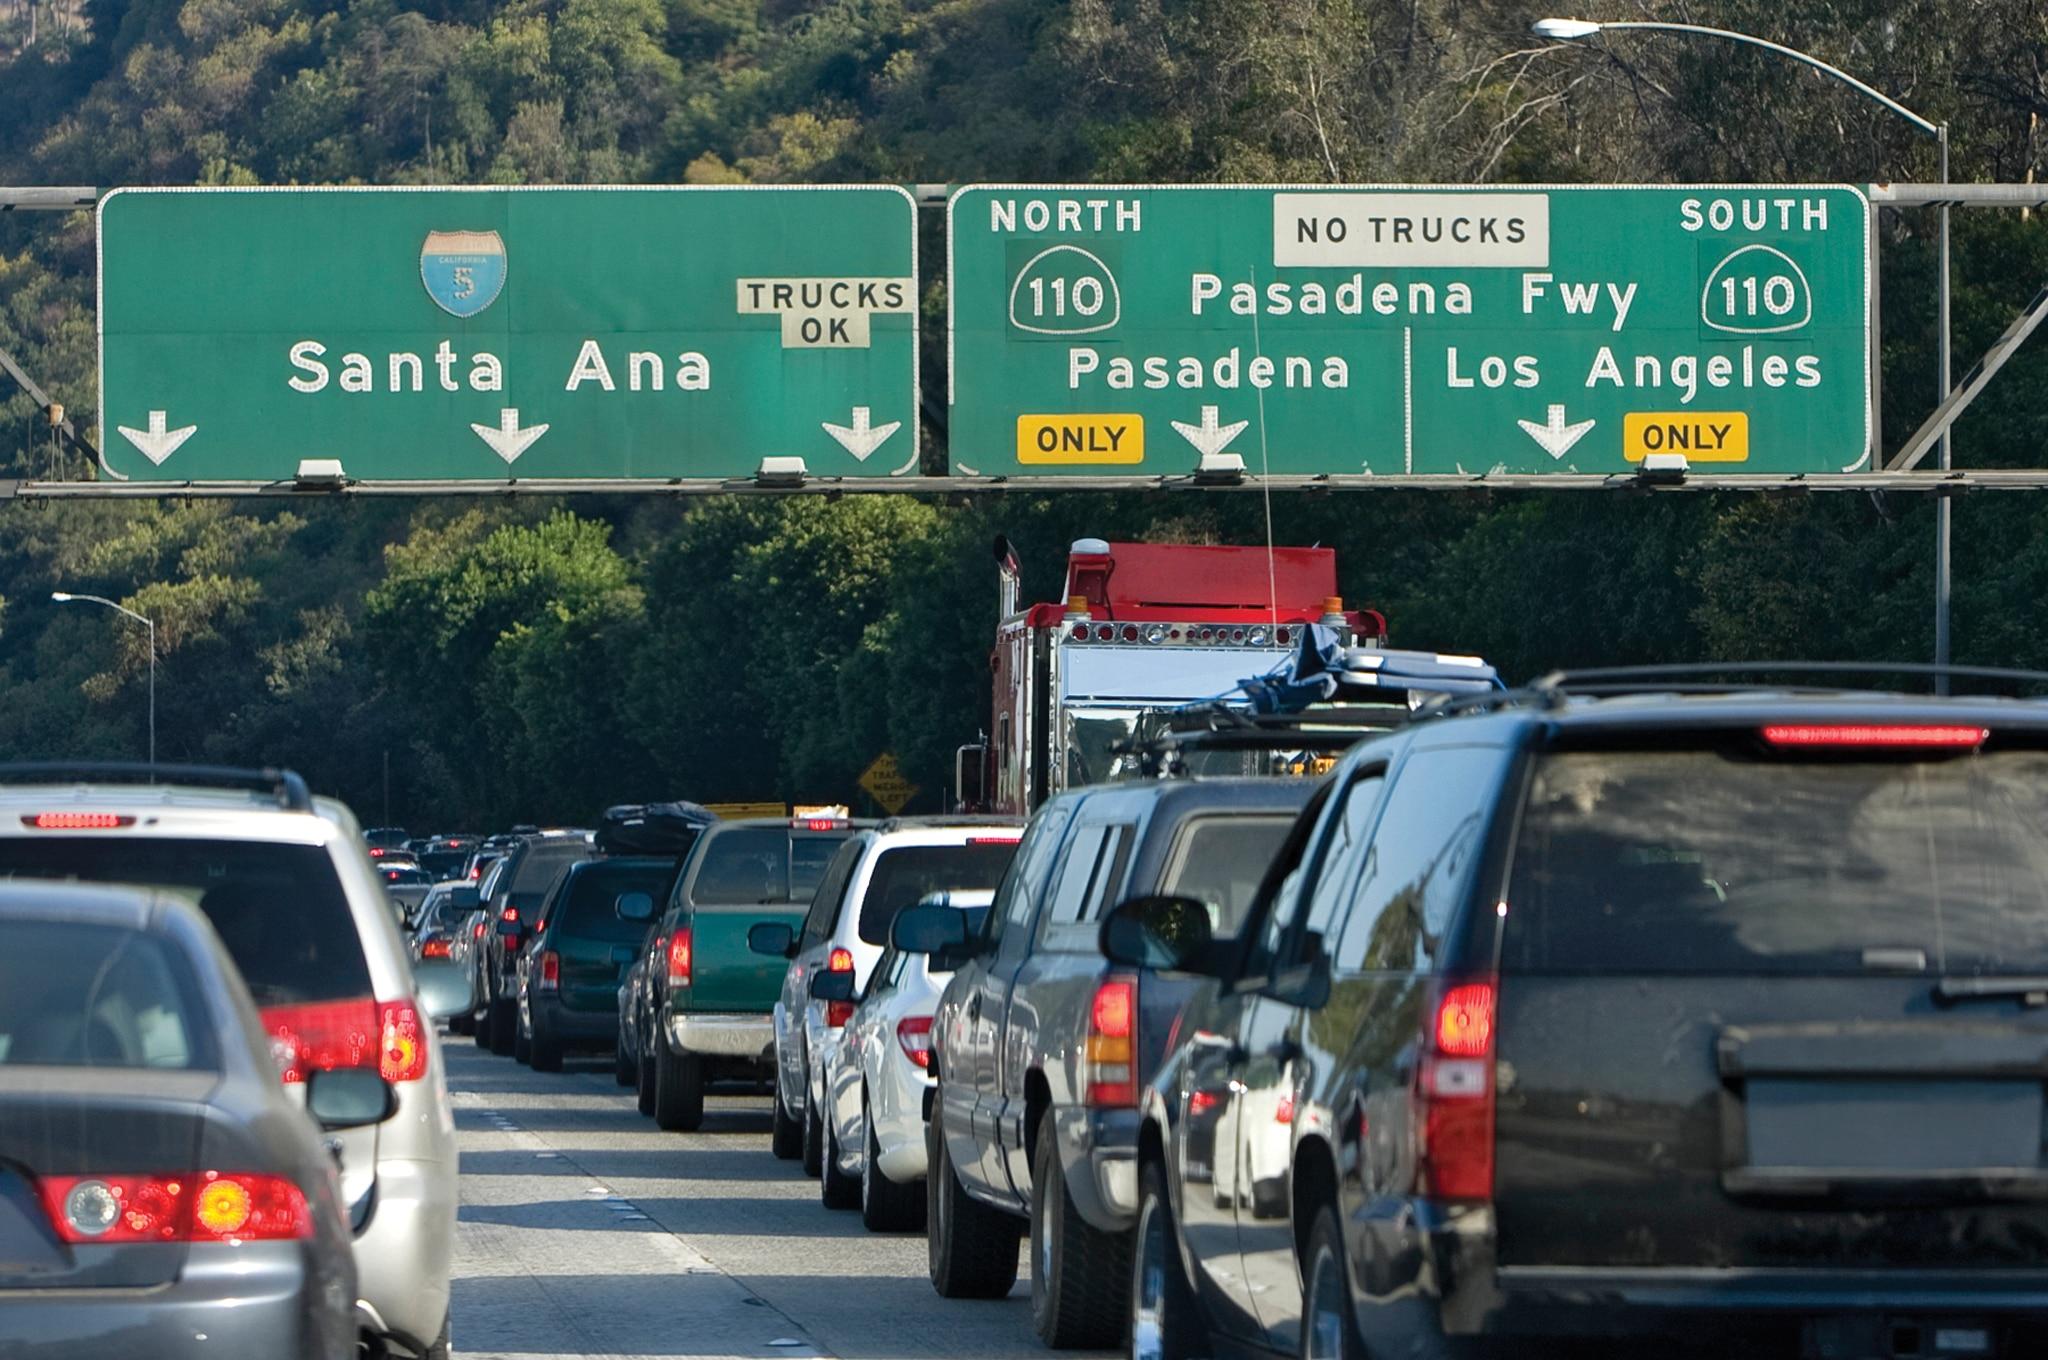 Las Mejores Y Peores Ciudades Para Conducir